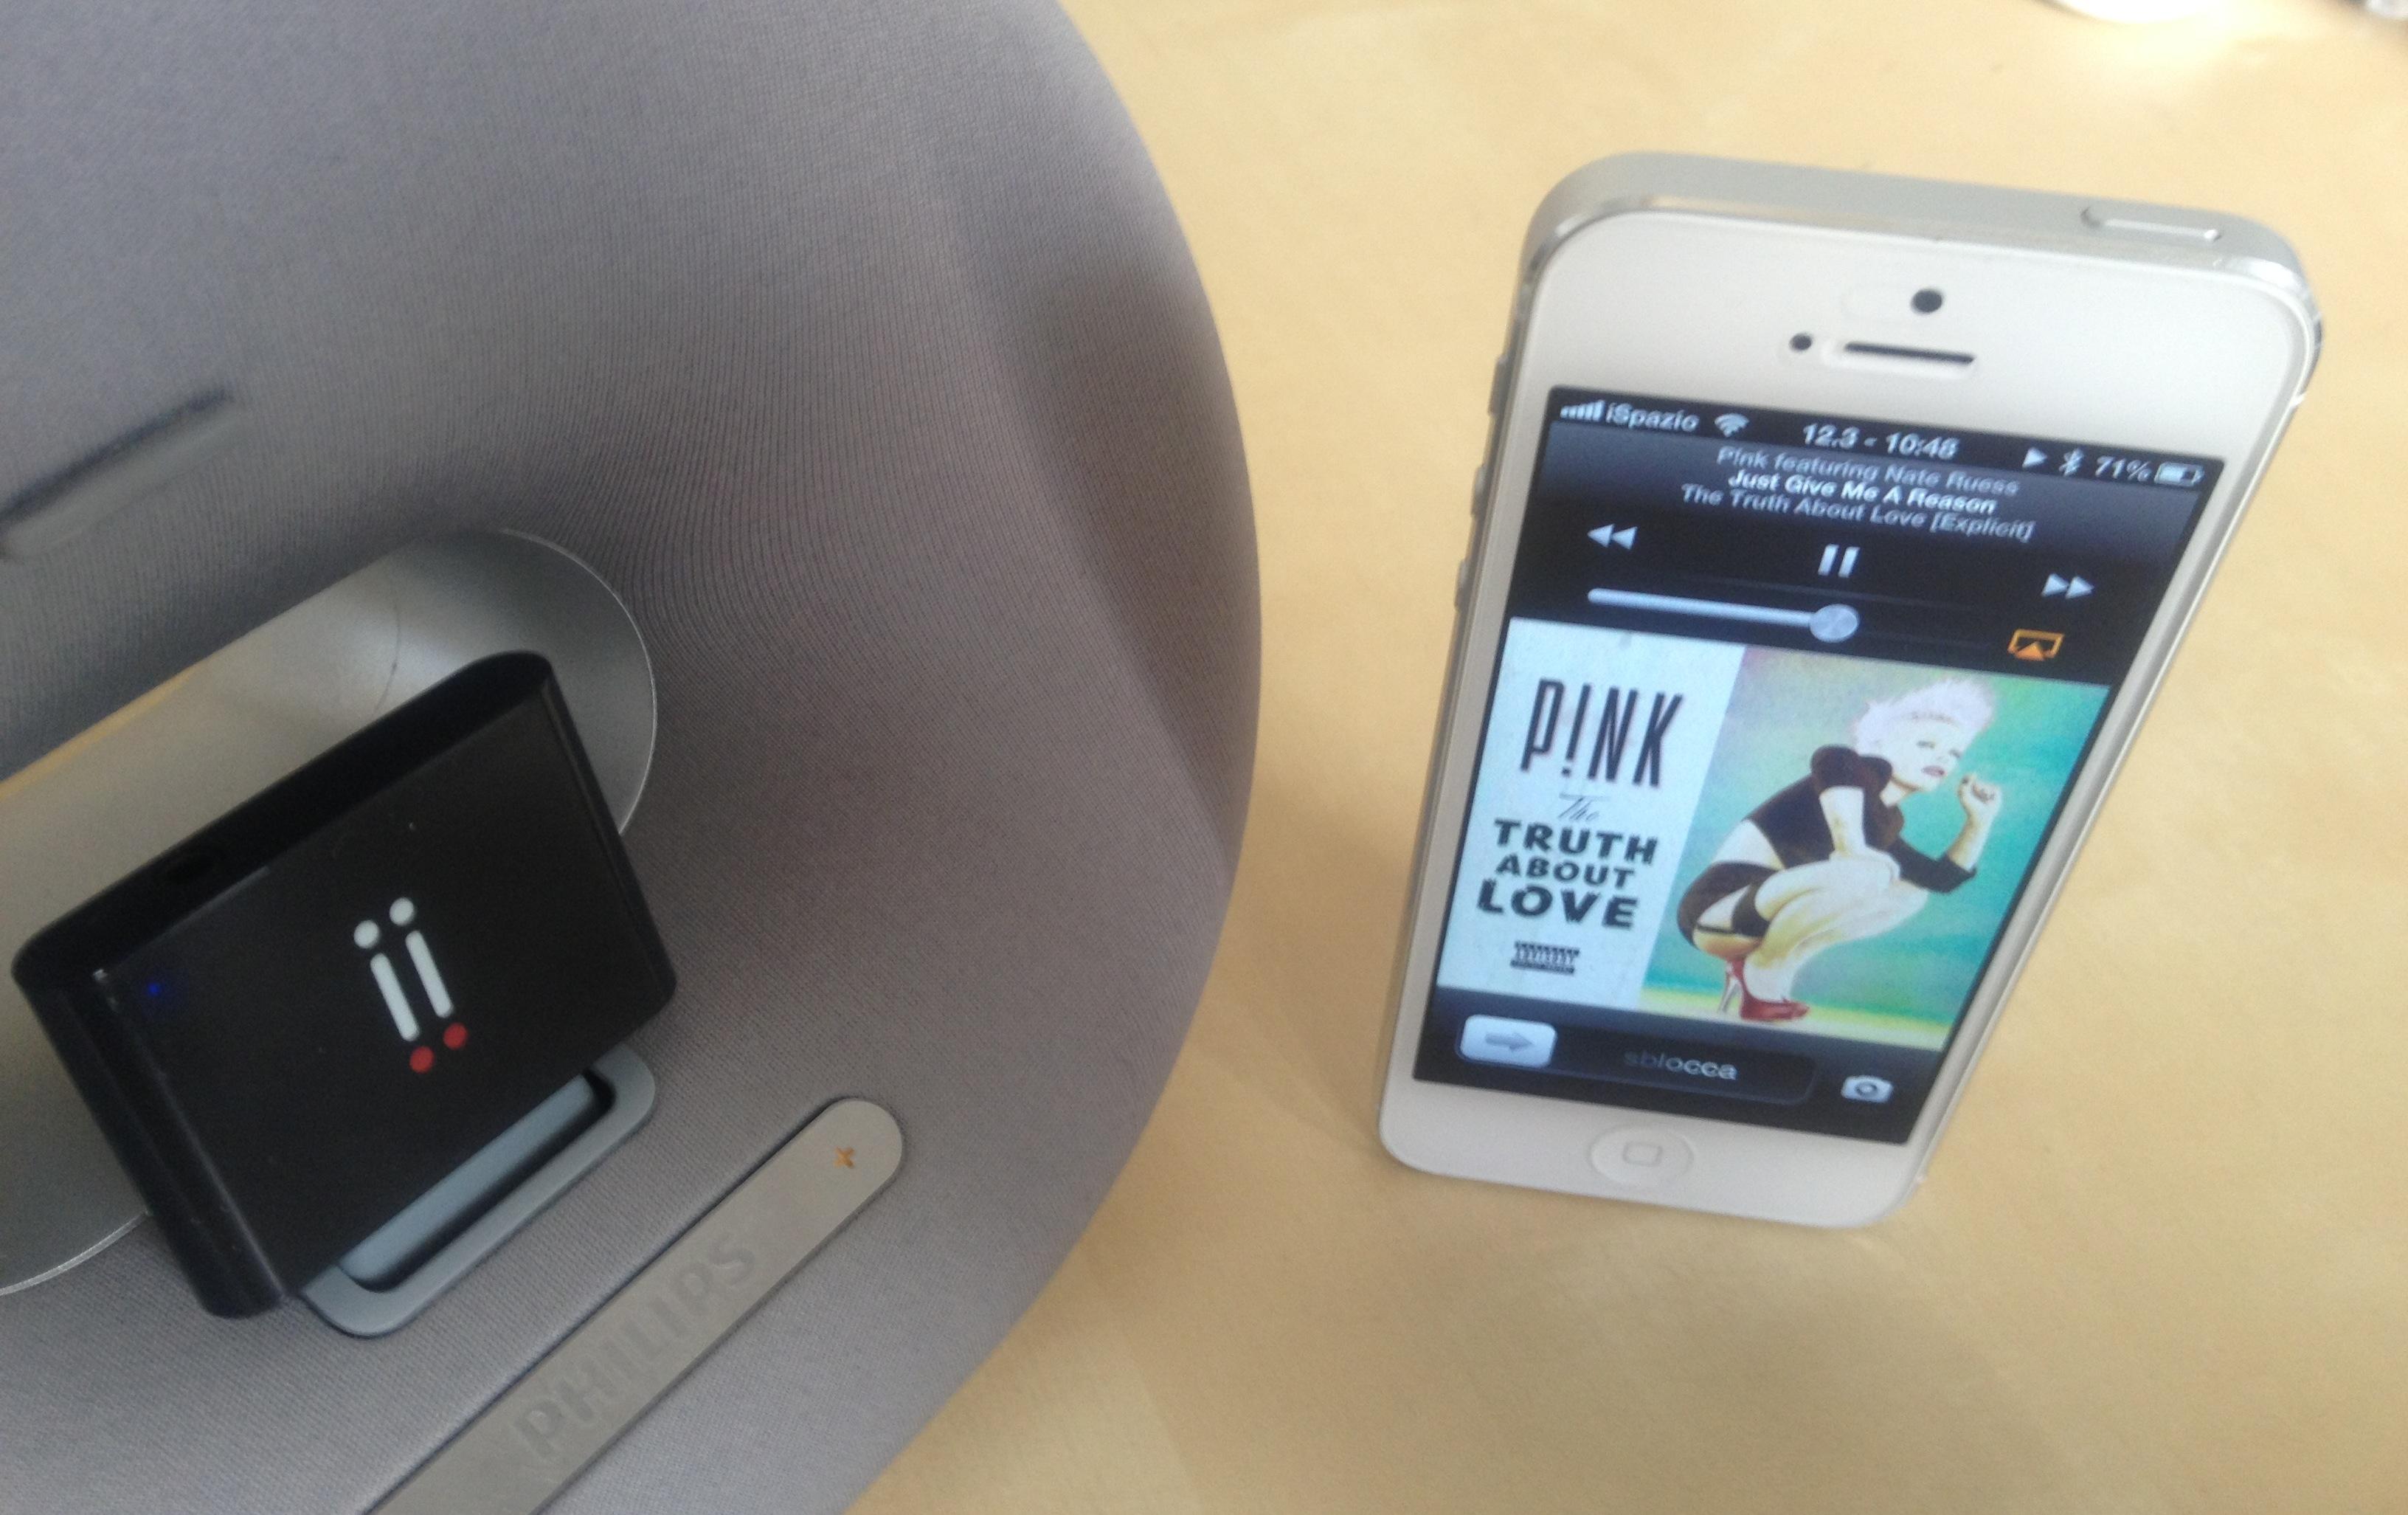 Bluetooth Receiver aiino: trasforma il tuo speaker dock 30pin in uno speaker bluetooth per iPhone 5 [Ora in offerta su Amazon]